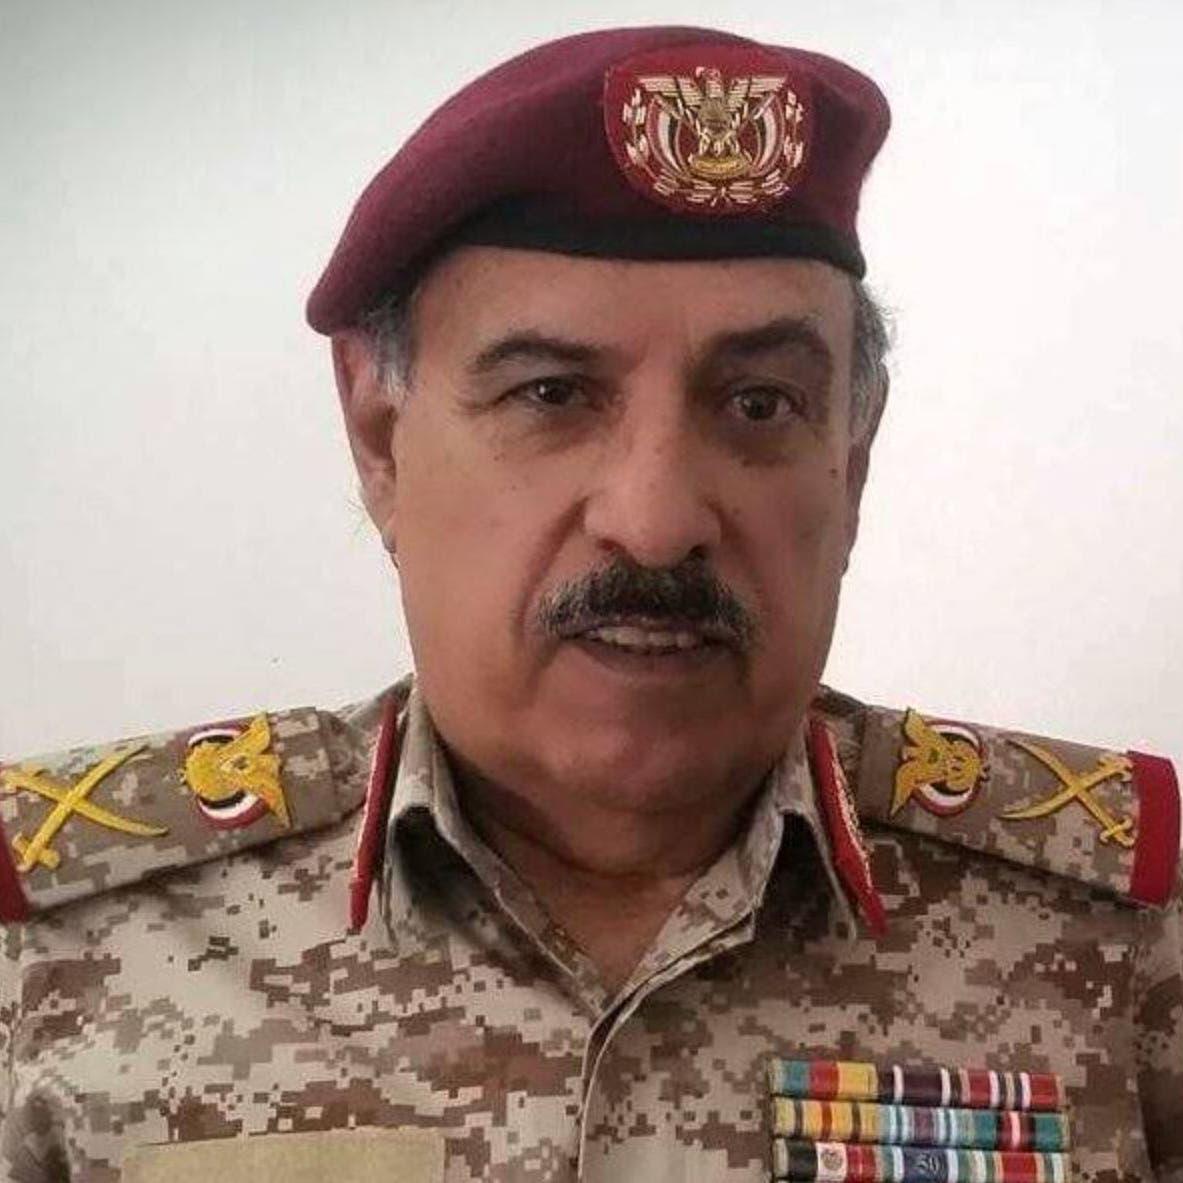 هندس الانقلاب وخدع صالح.. من هو رجل الحوثيين الخفي؟